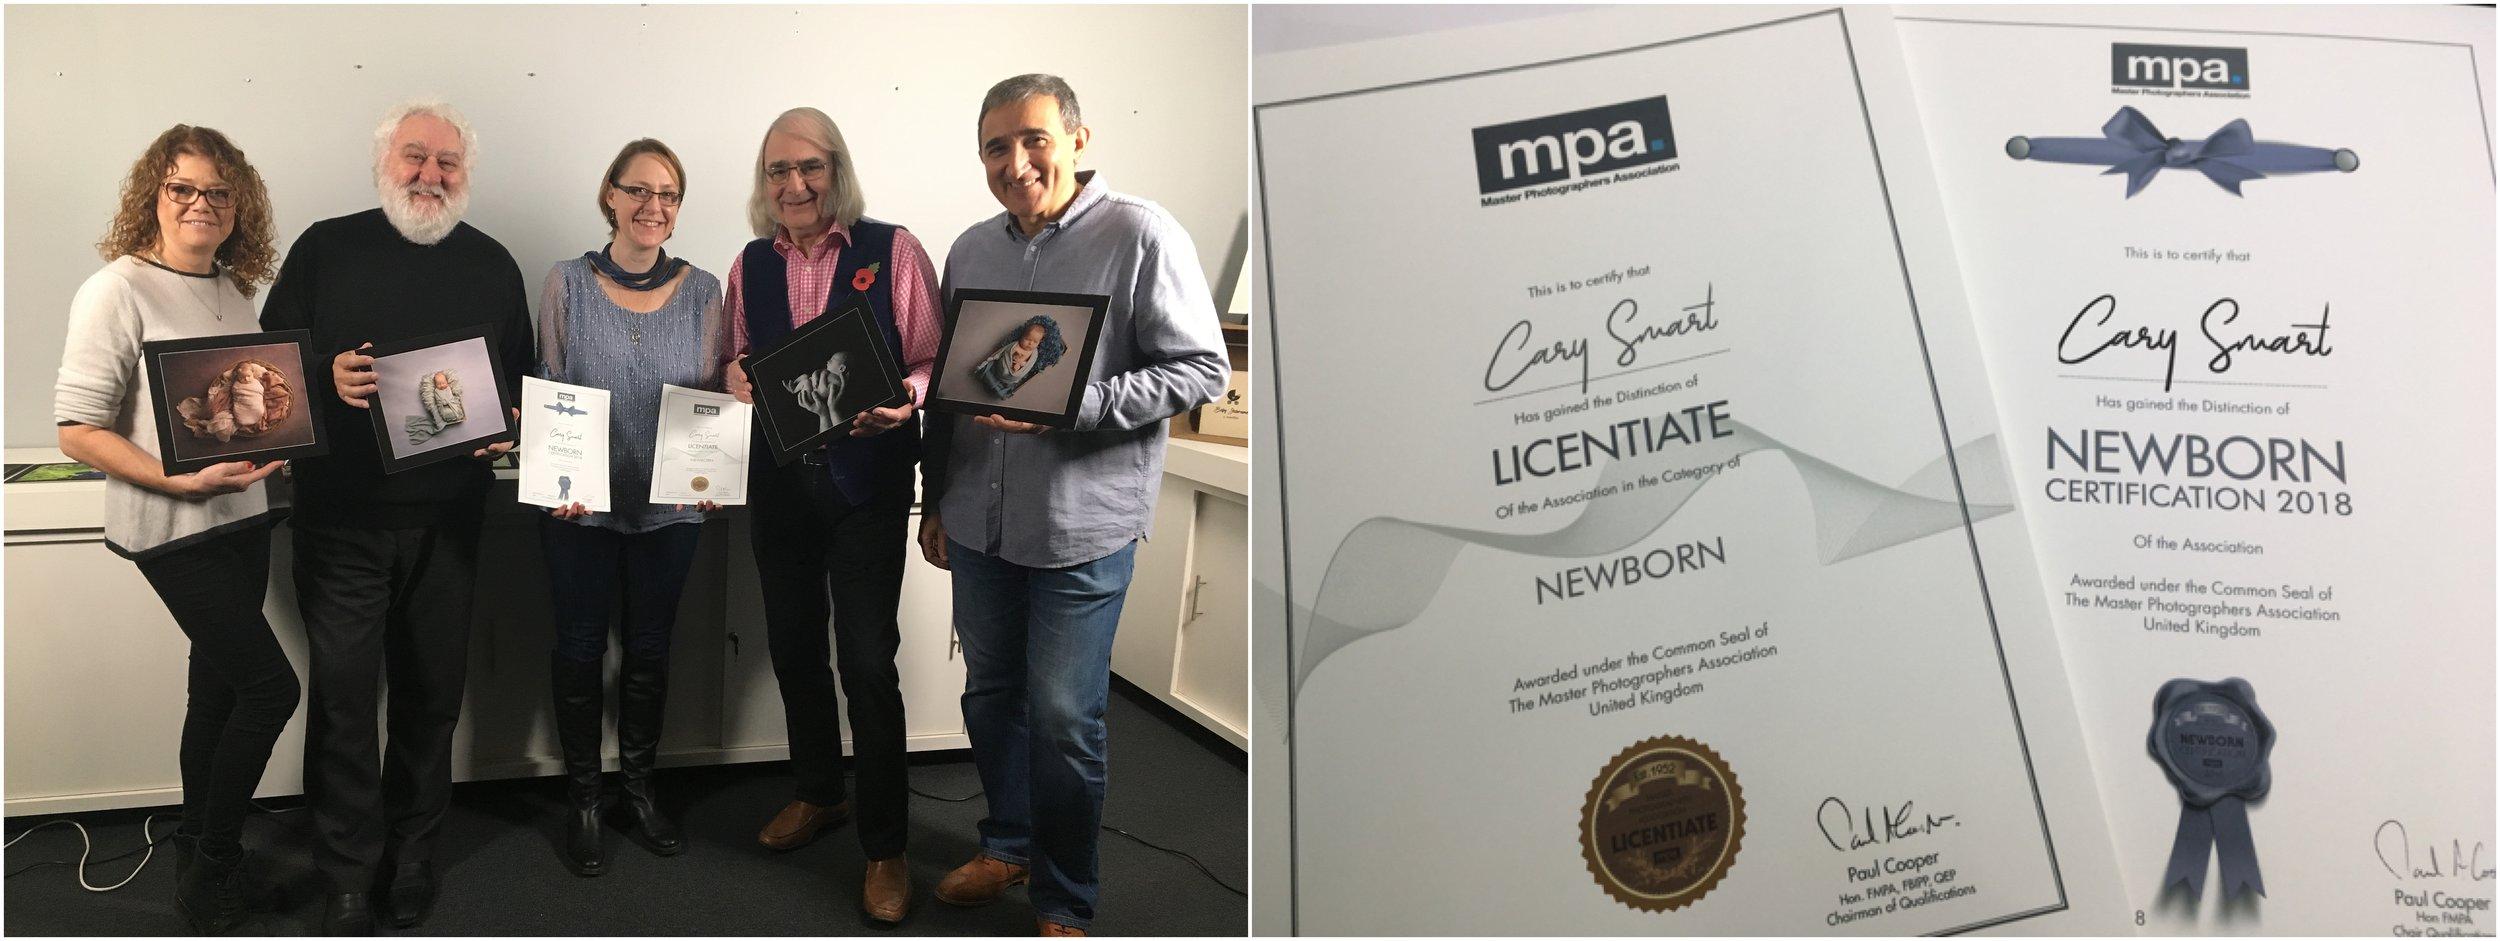 LMPA & Newborn Safety Certificate